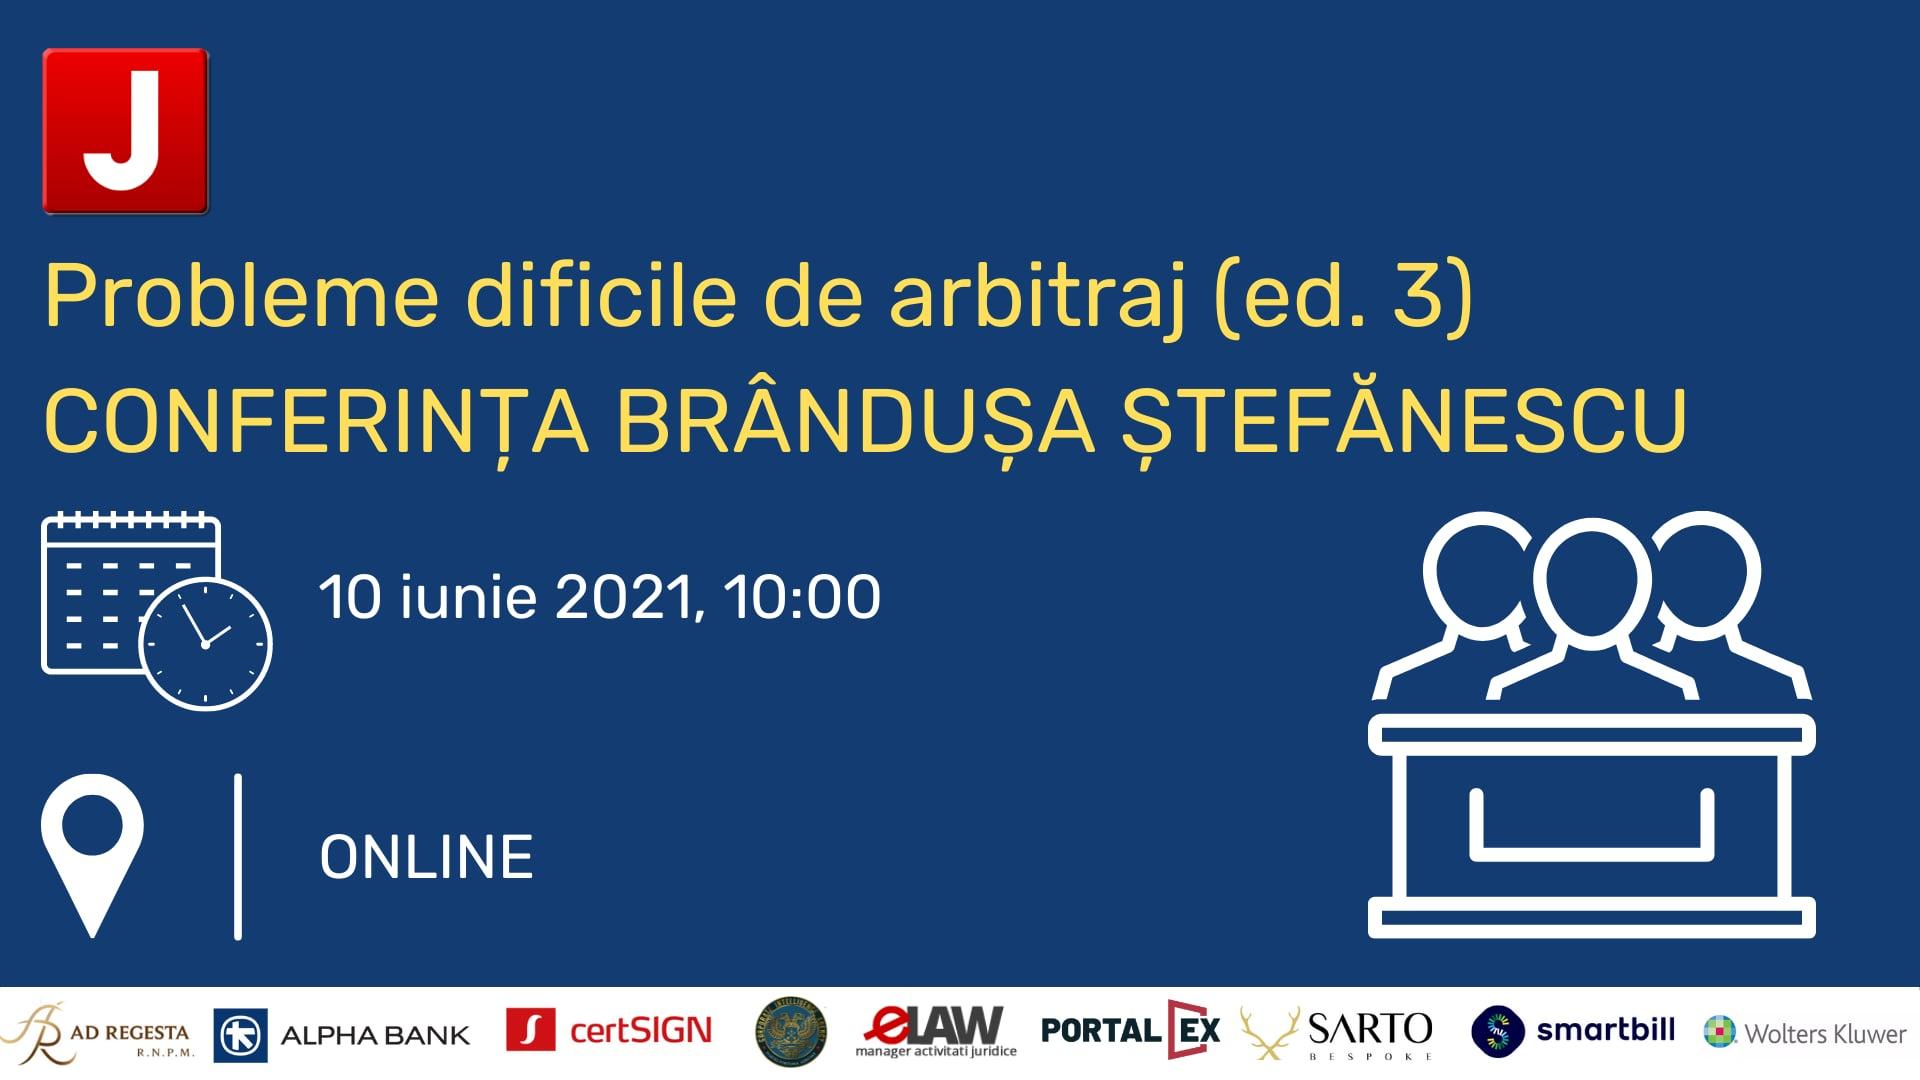 (ed. 3) Probleme dificile de arbitraj | CONFERINȚA BRÂNDUȘA ȘTEFĂNESCU | Panelul III